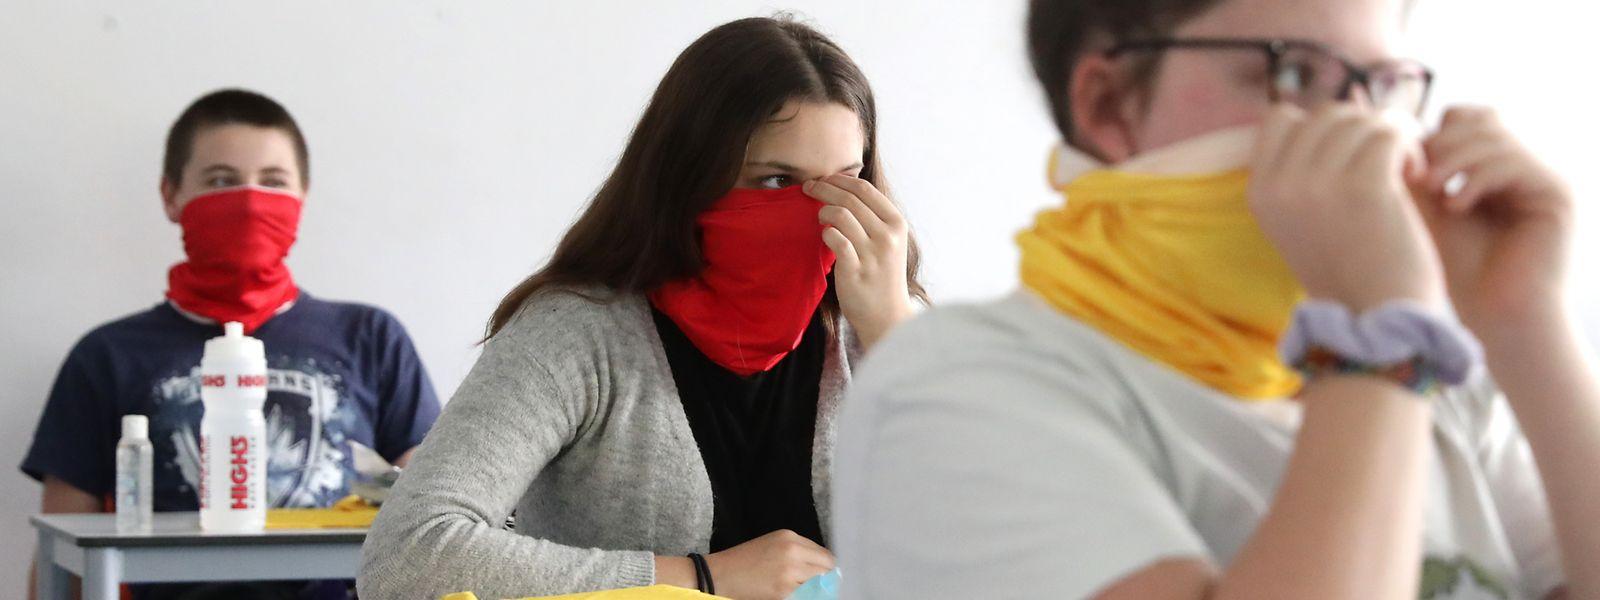 Le terme «buff», utilisé dans les discours du ministre de l'Education nationale, a fait que la marque est perçue comme un dispositif de protection contre le virus.